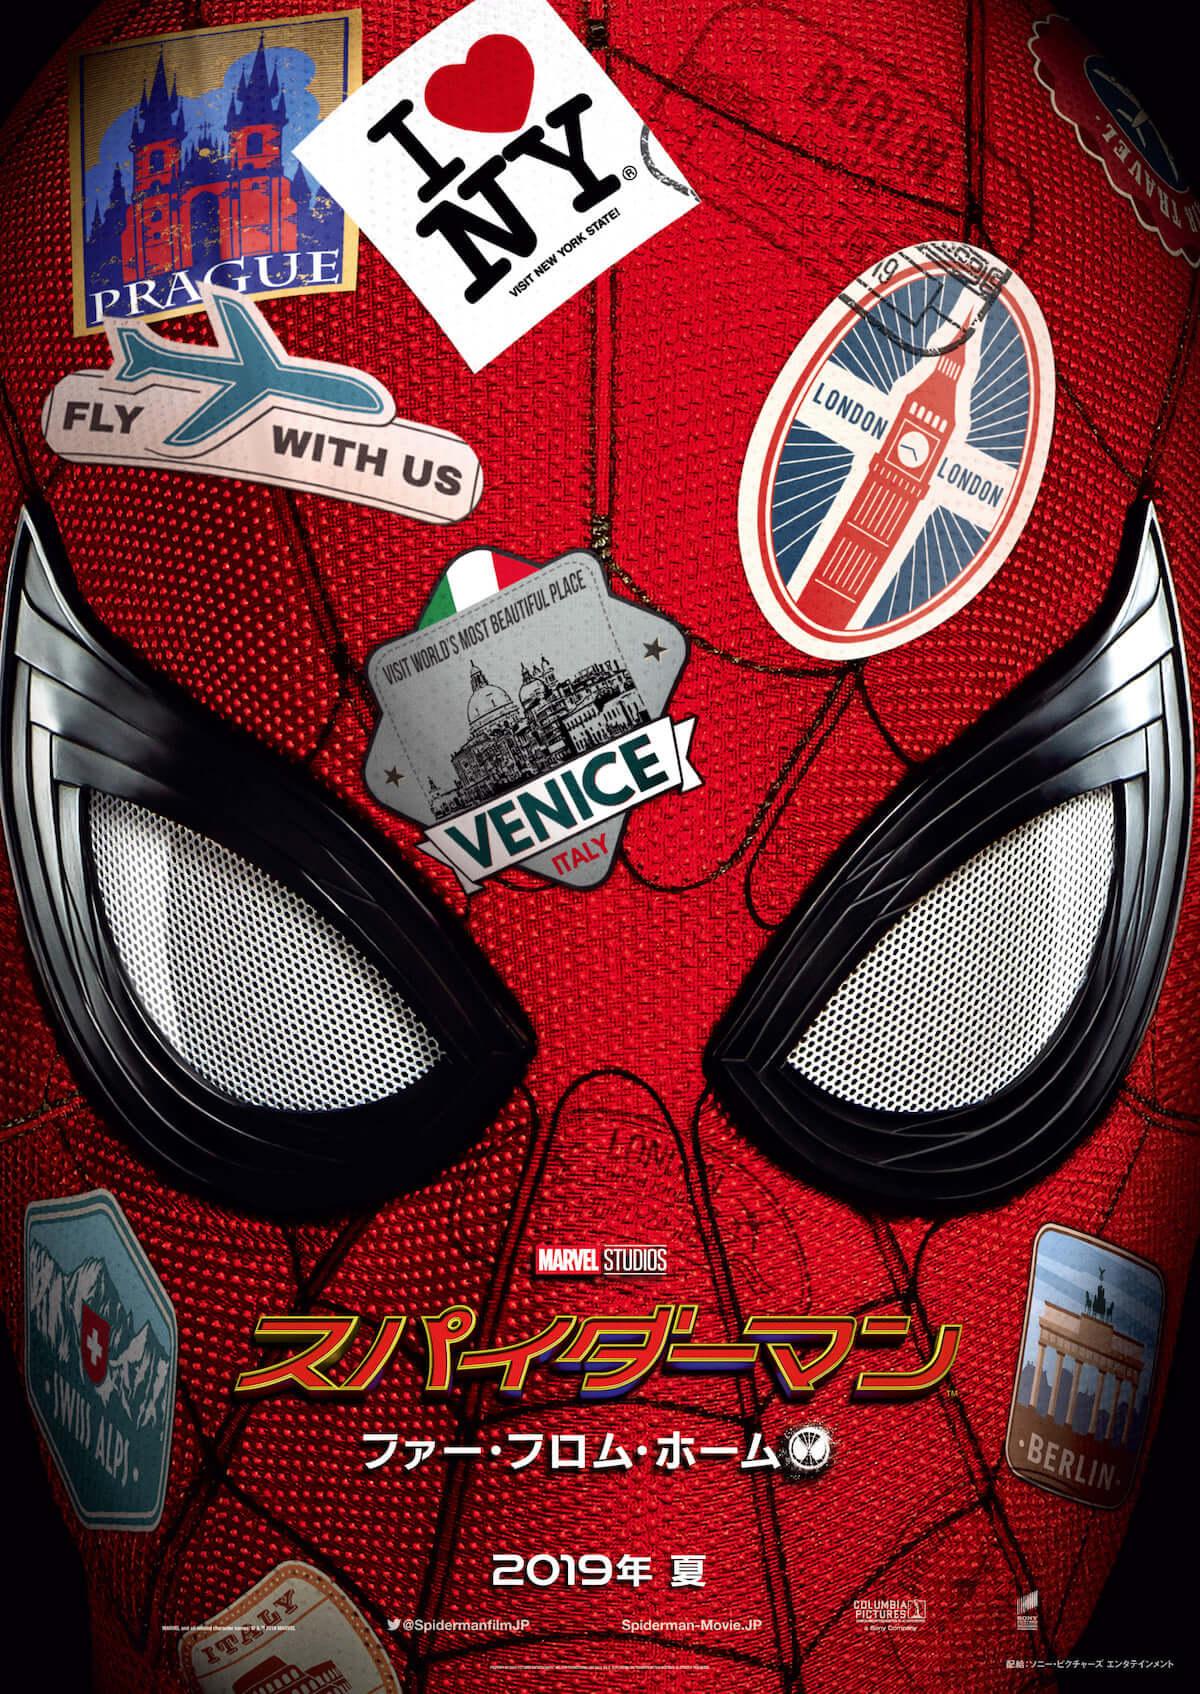 『スパイダーマン:ファー・フロム・ホーム』の日本版予告とポスター解禁!さらにティザーチラシも film190221_spiderman_1-1200x1694